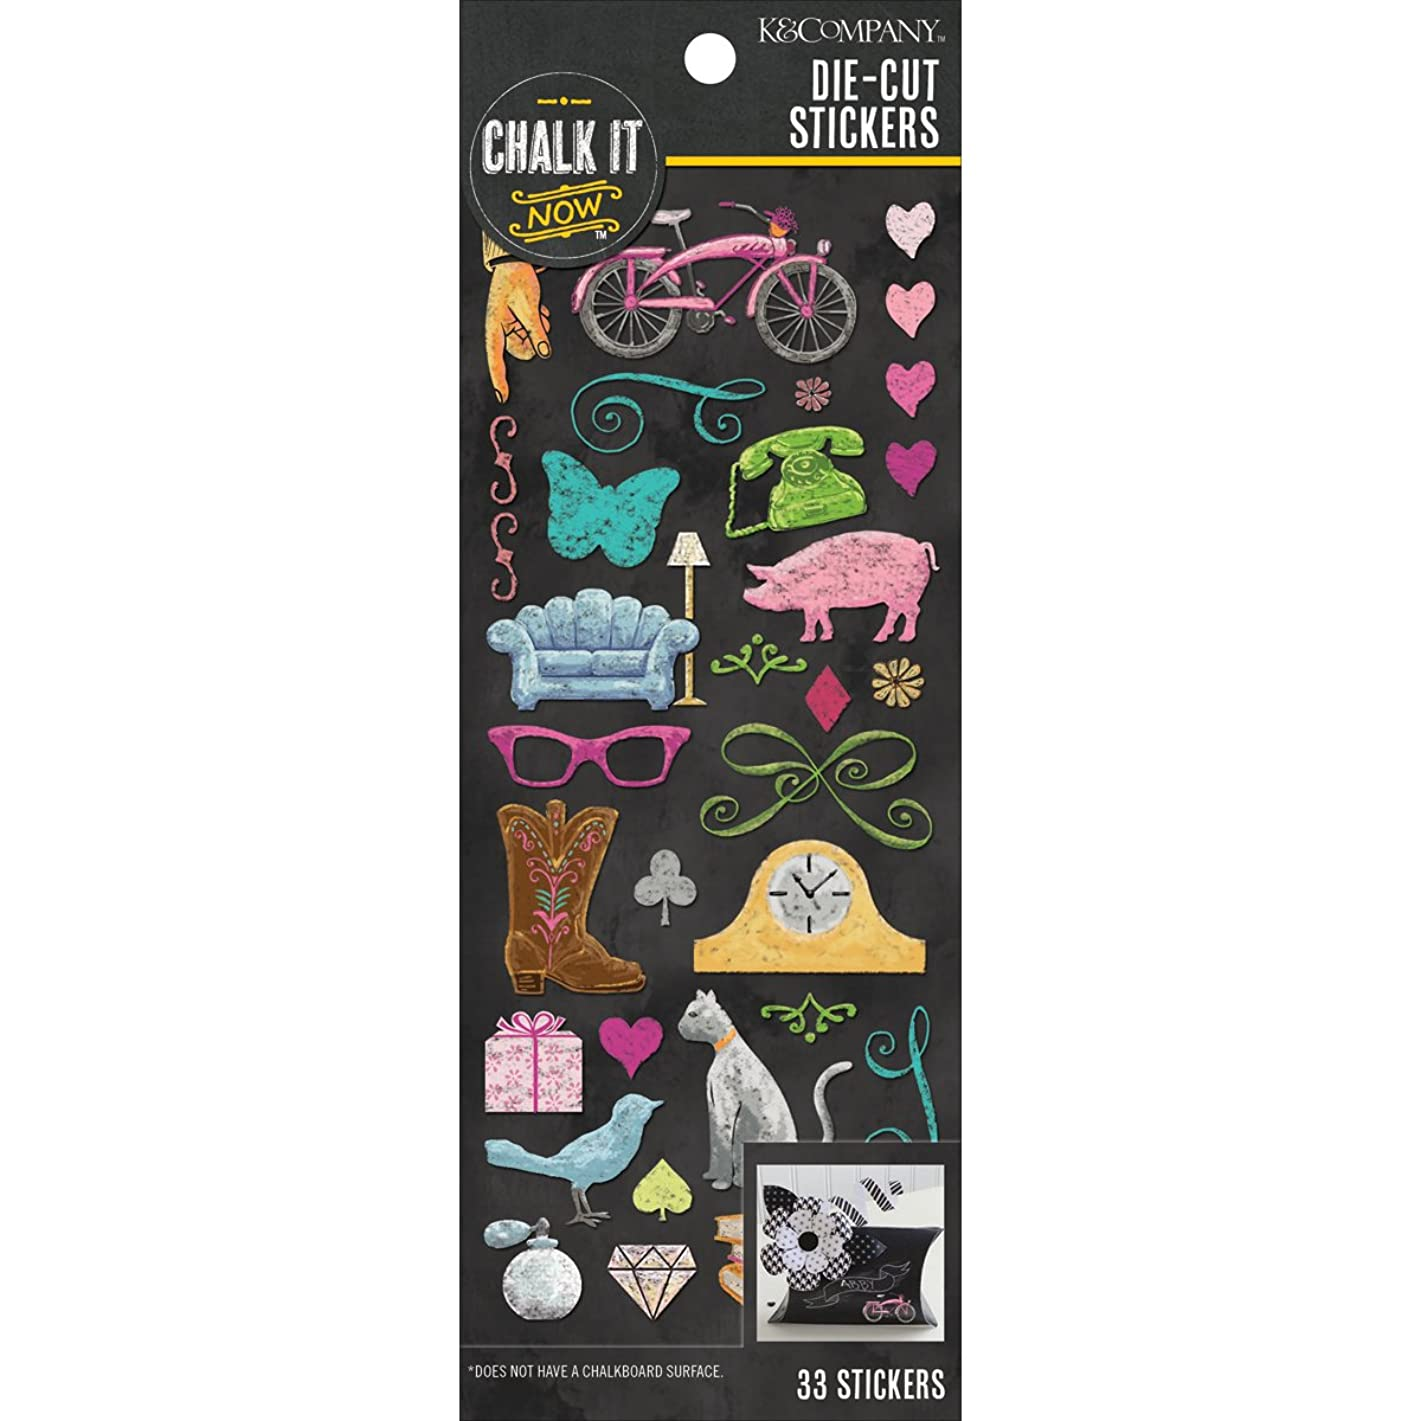 Chalk It Now Die-Cut Stickers-Nostalgic